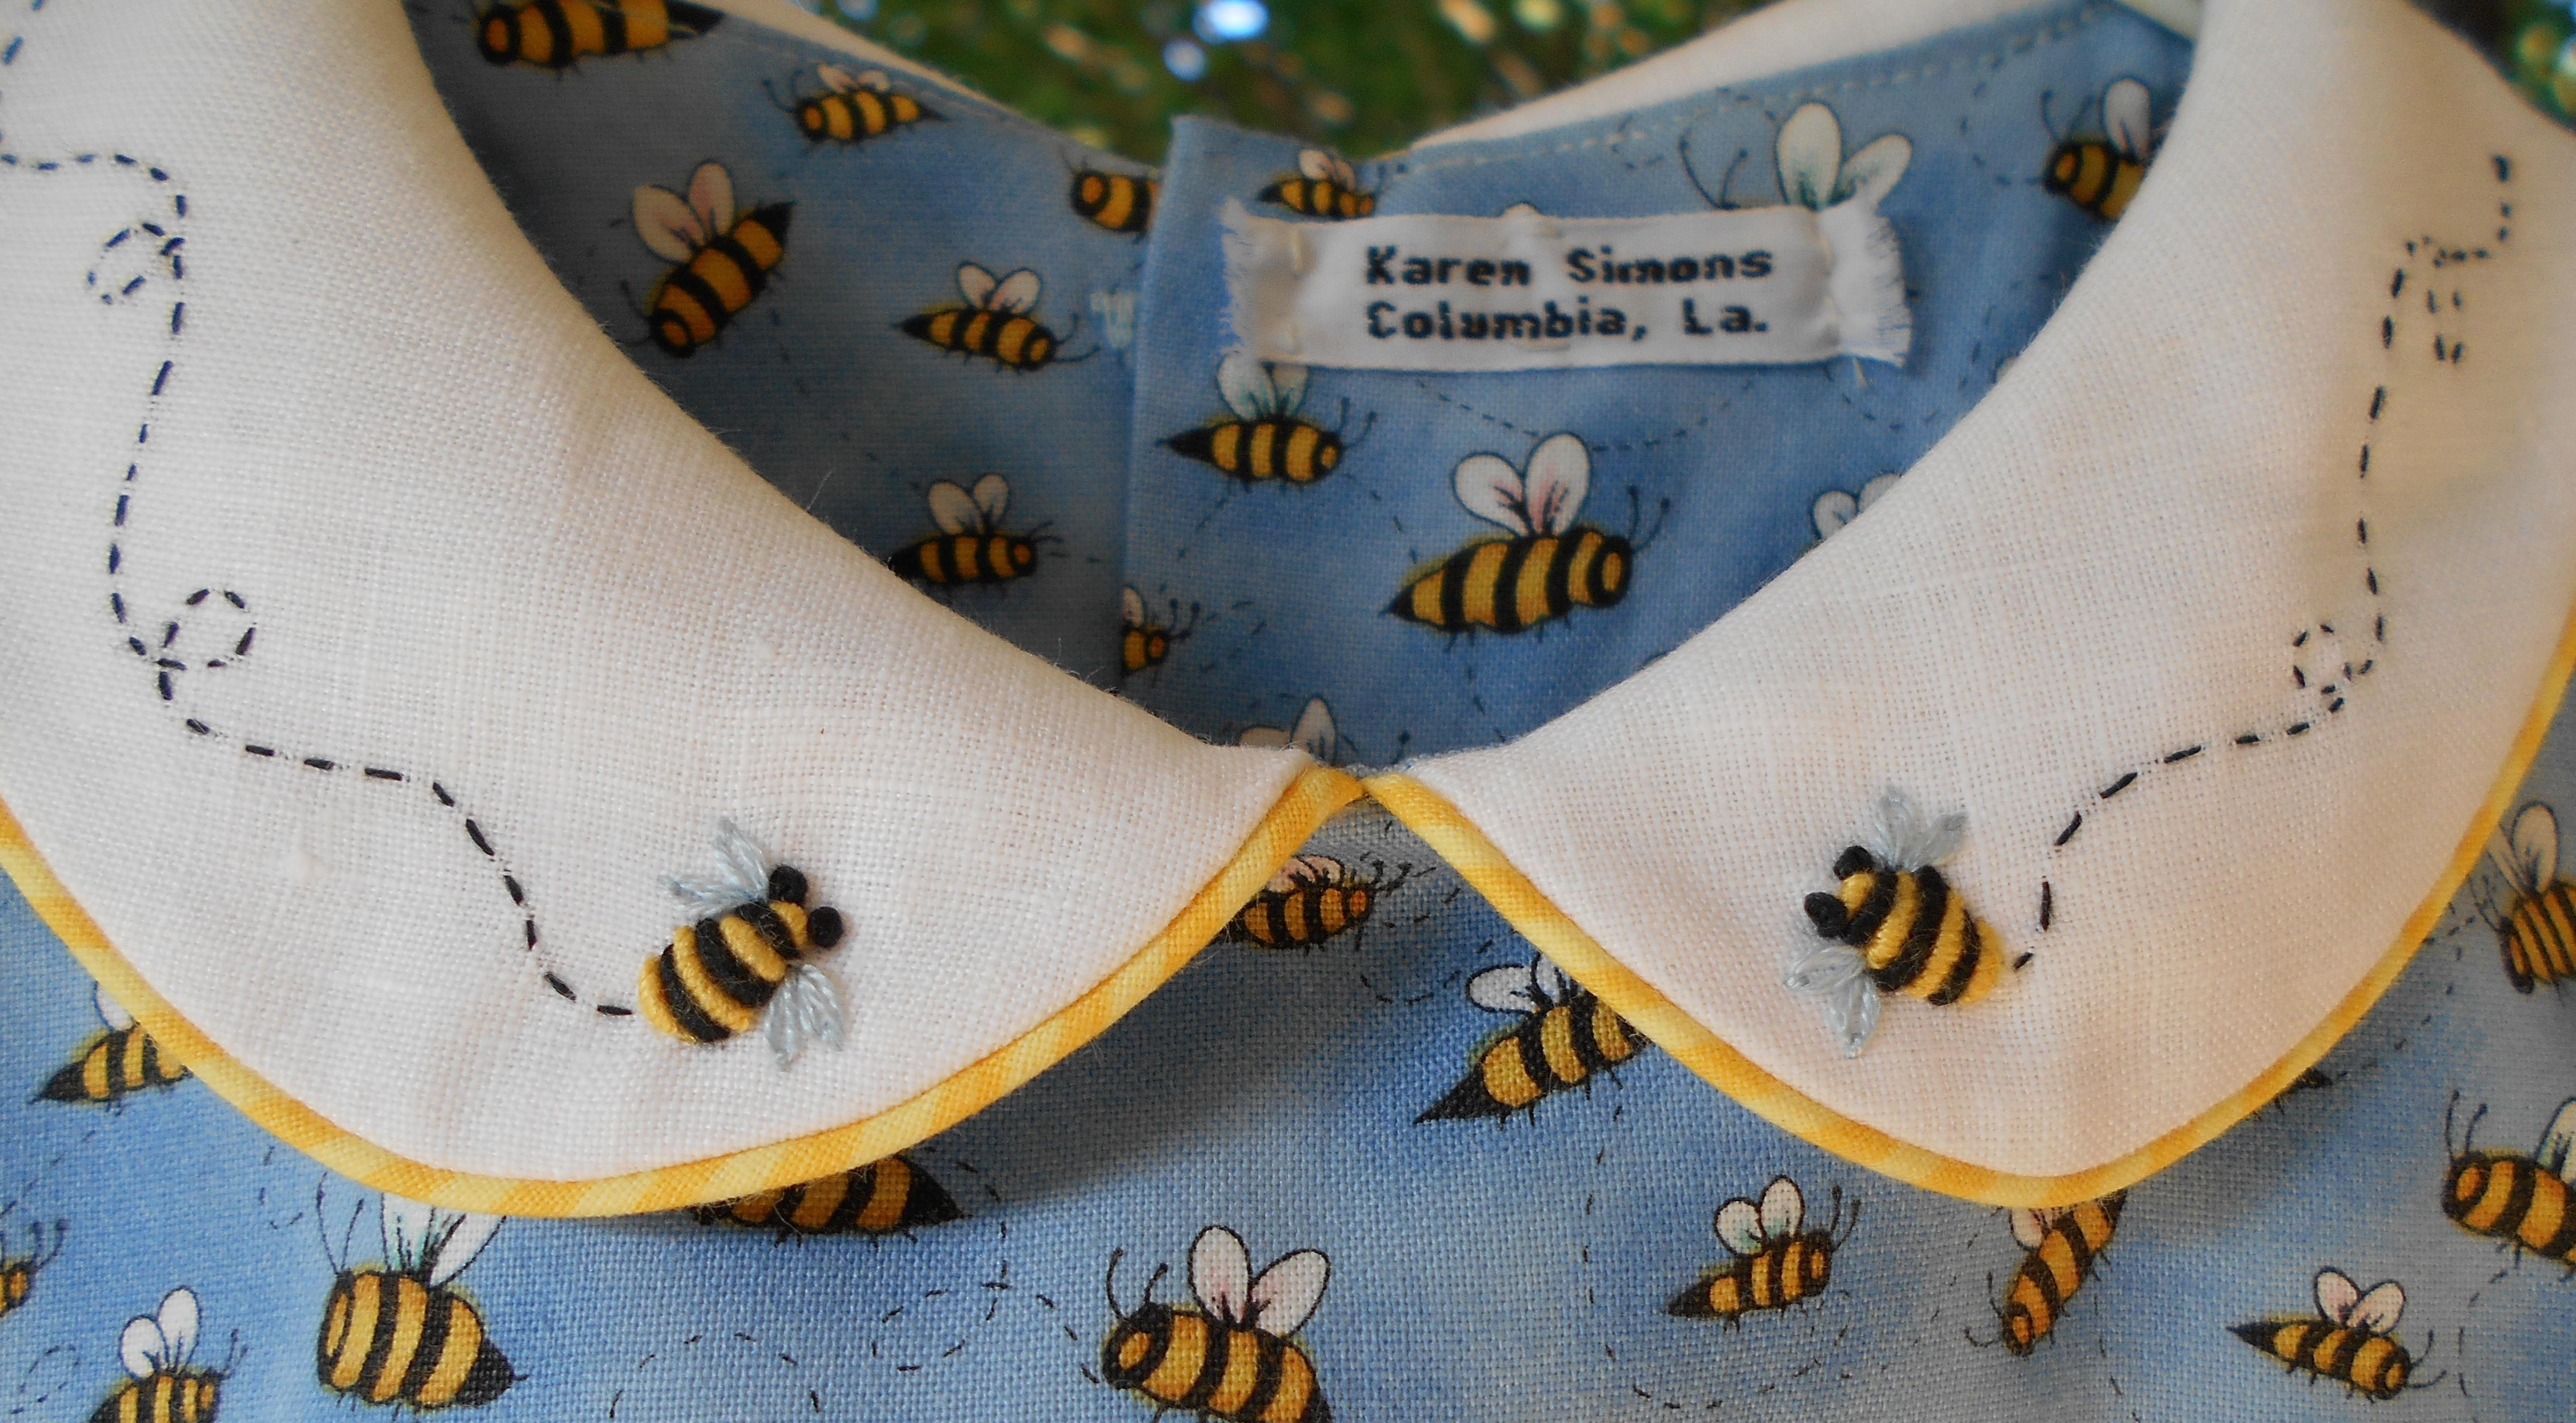 Bullion bees!